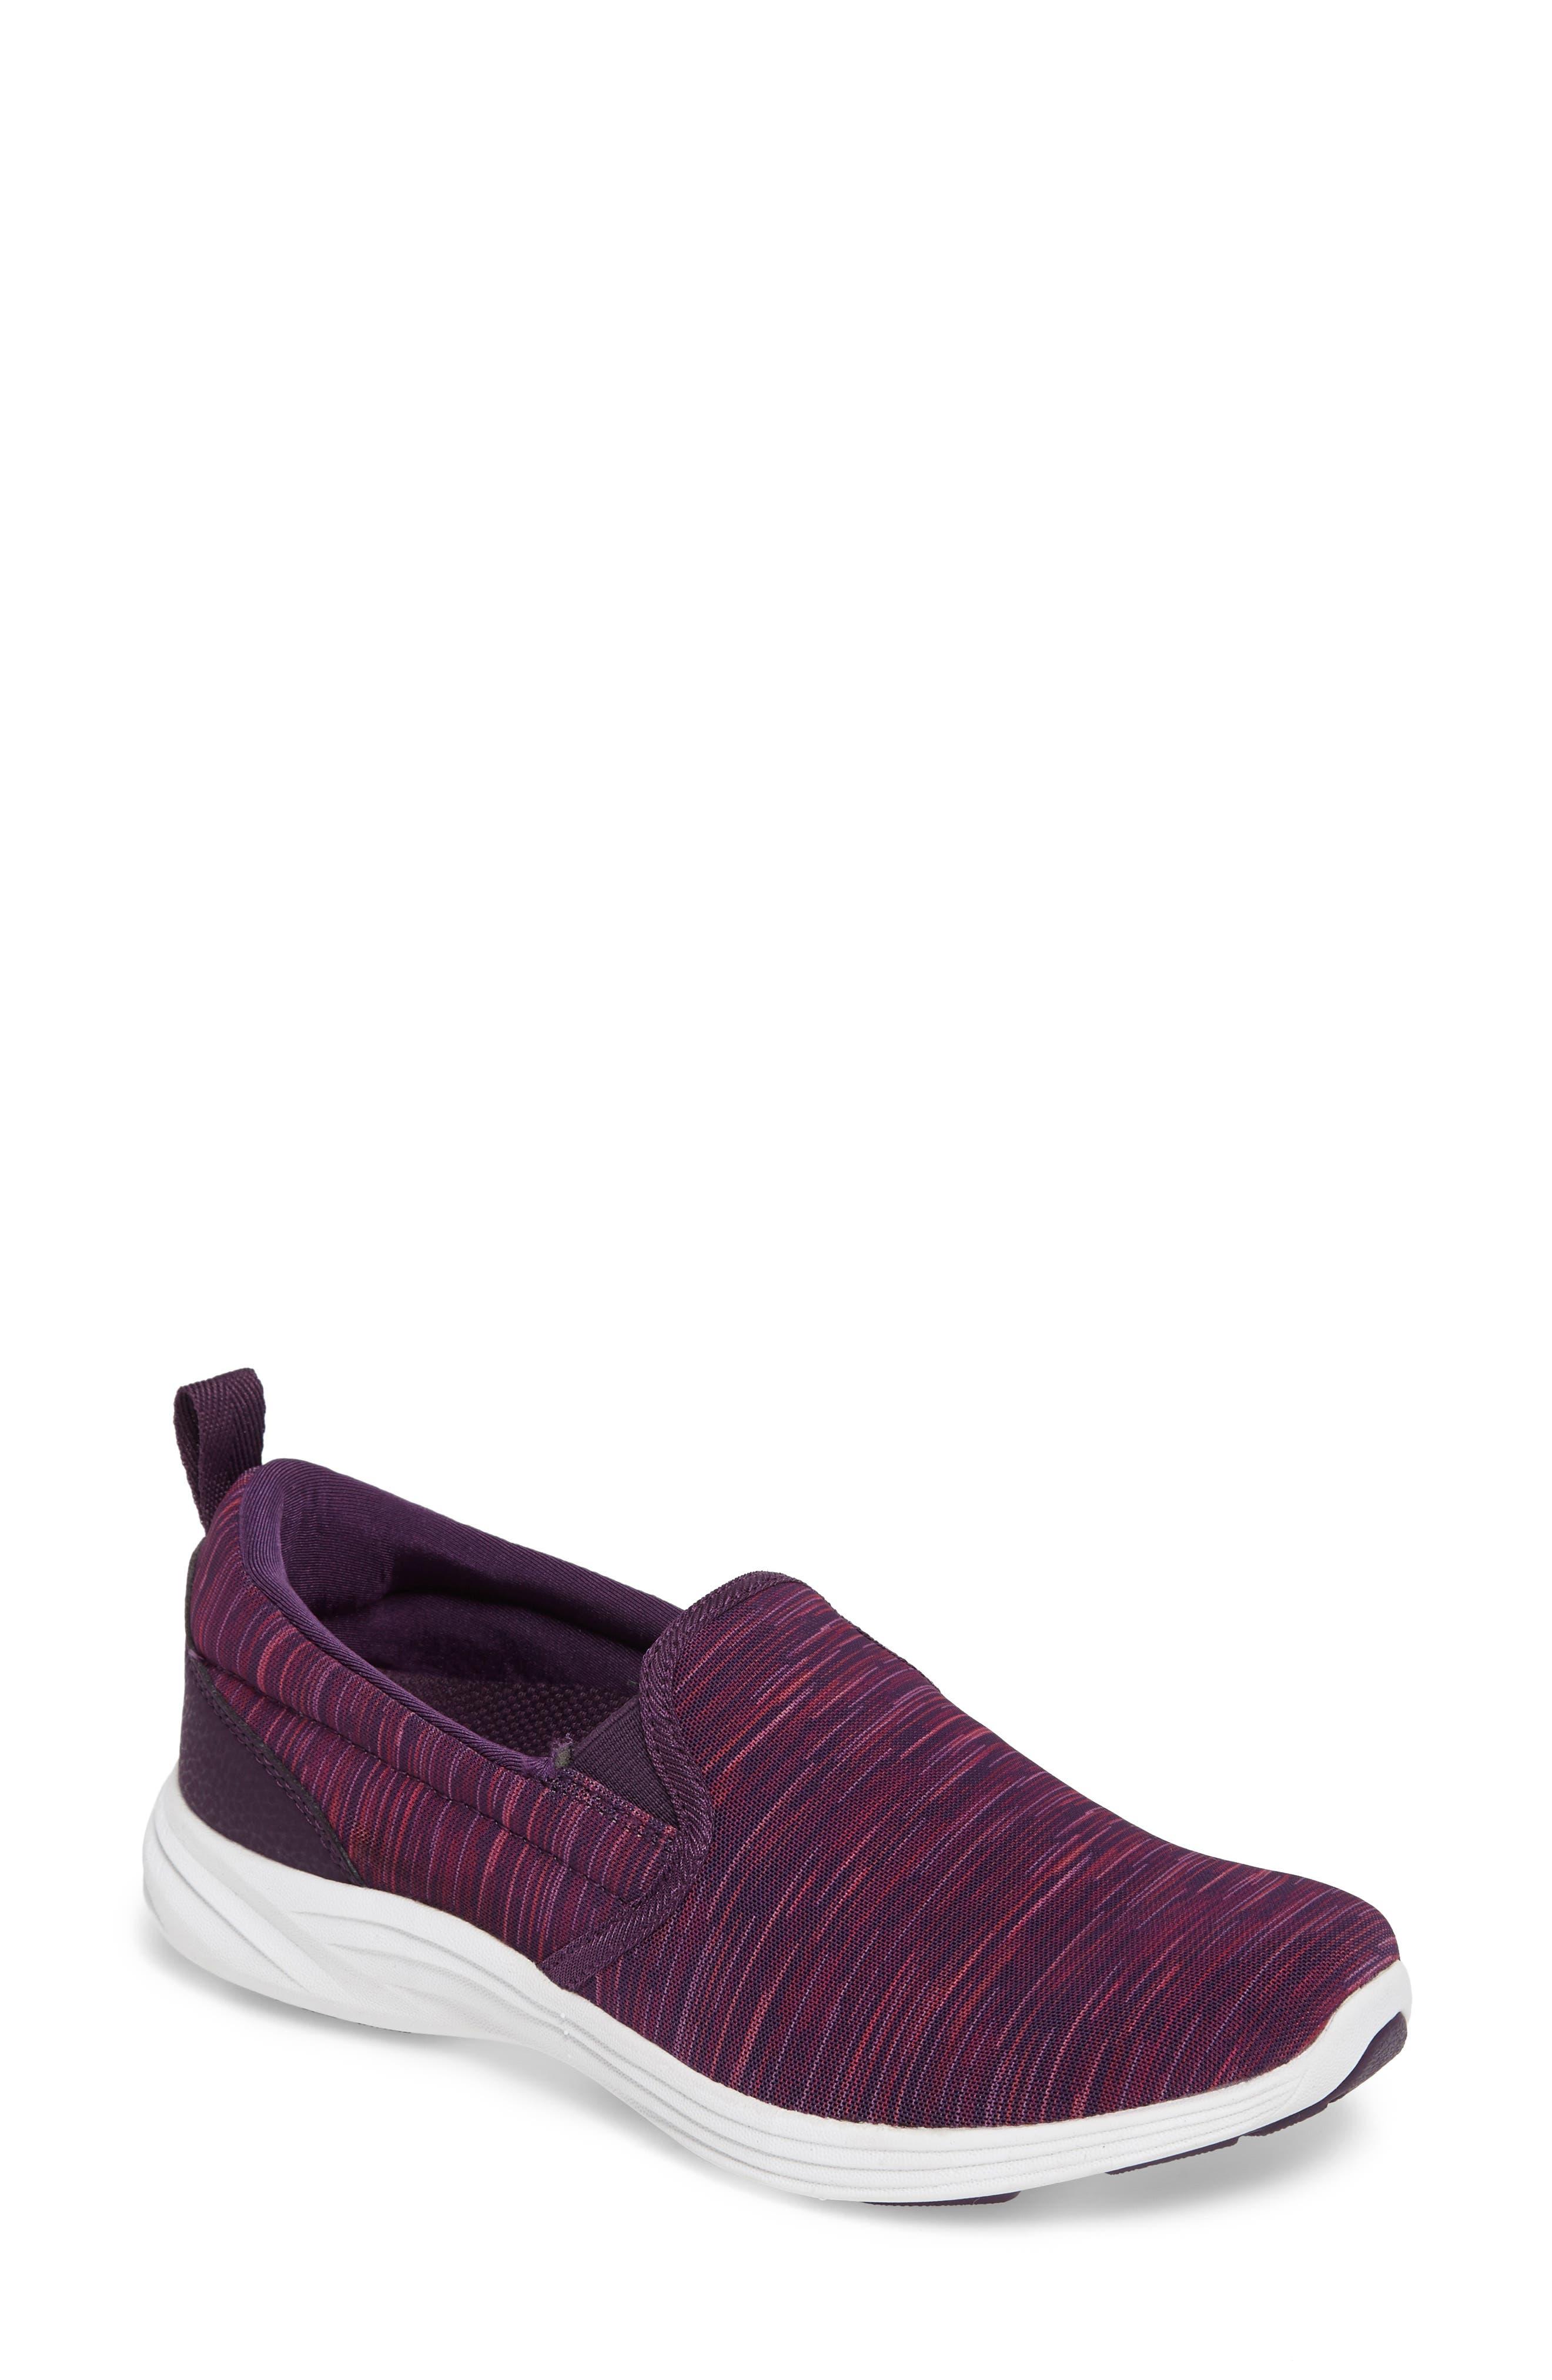 Vionic 'Kea' Slip-On Sneaker (Women)